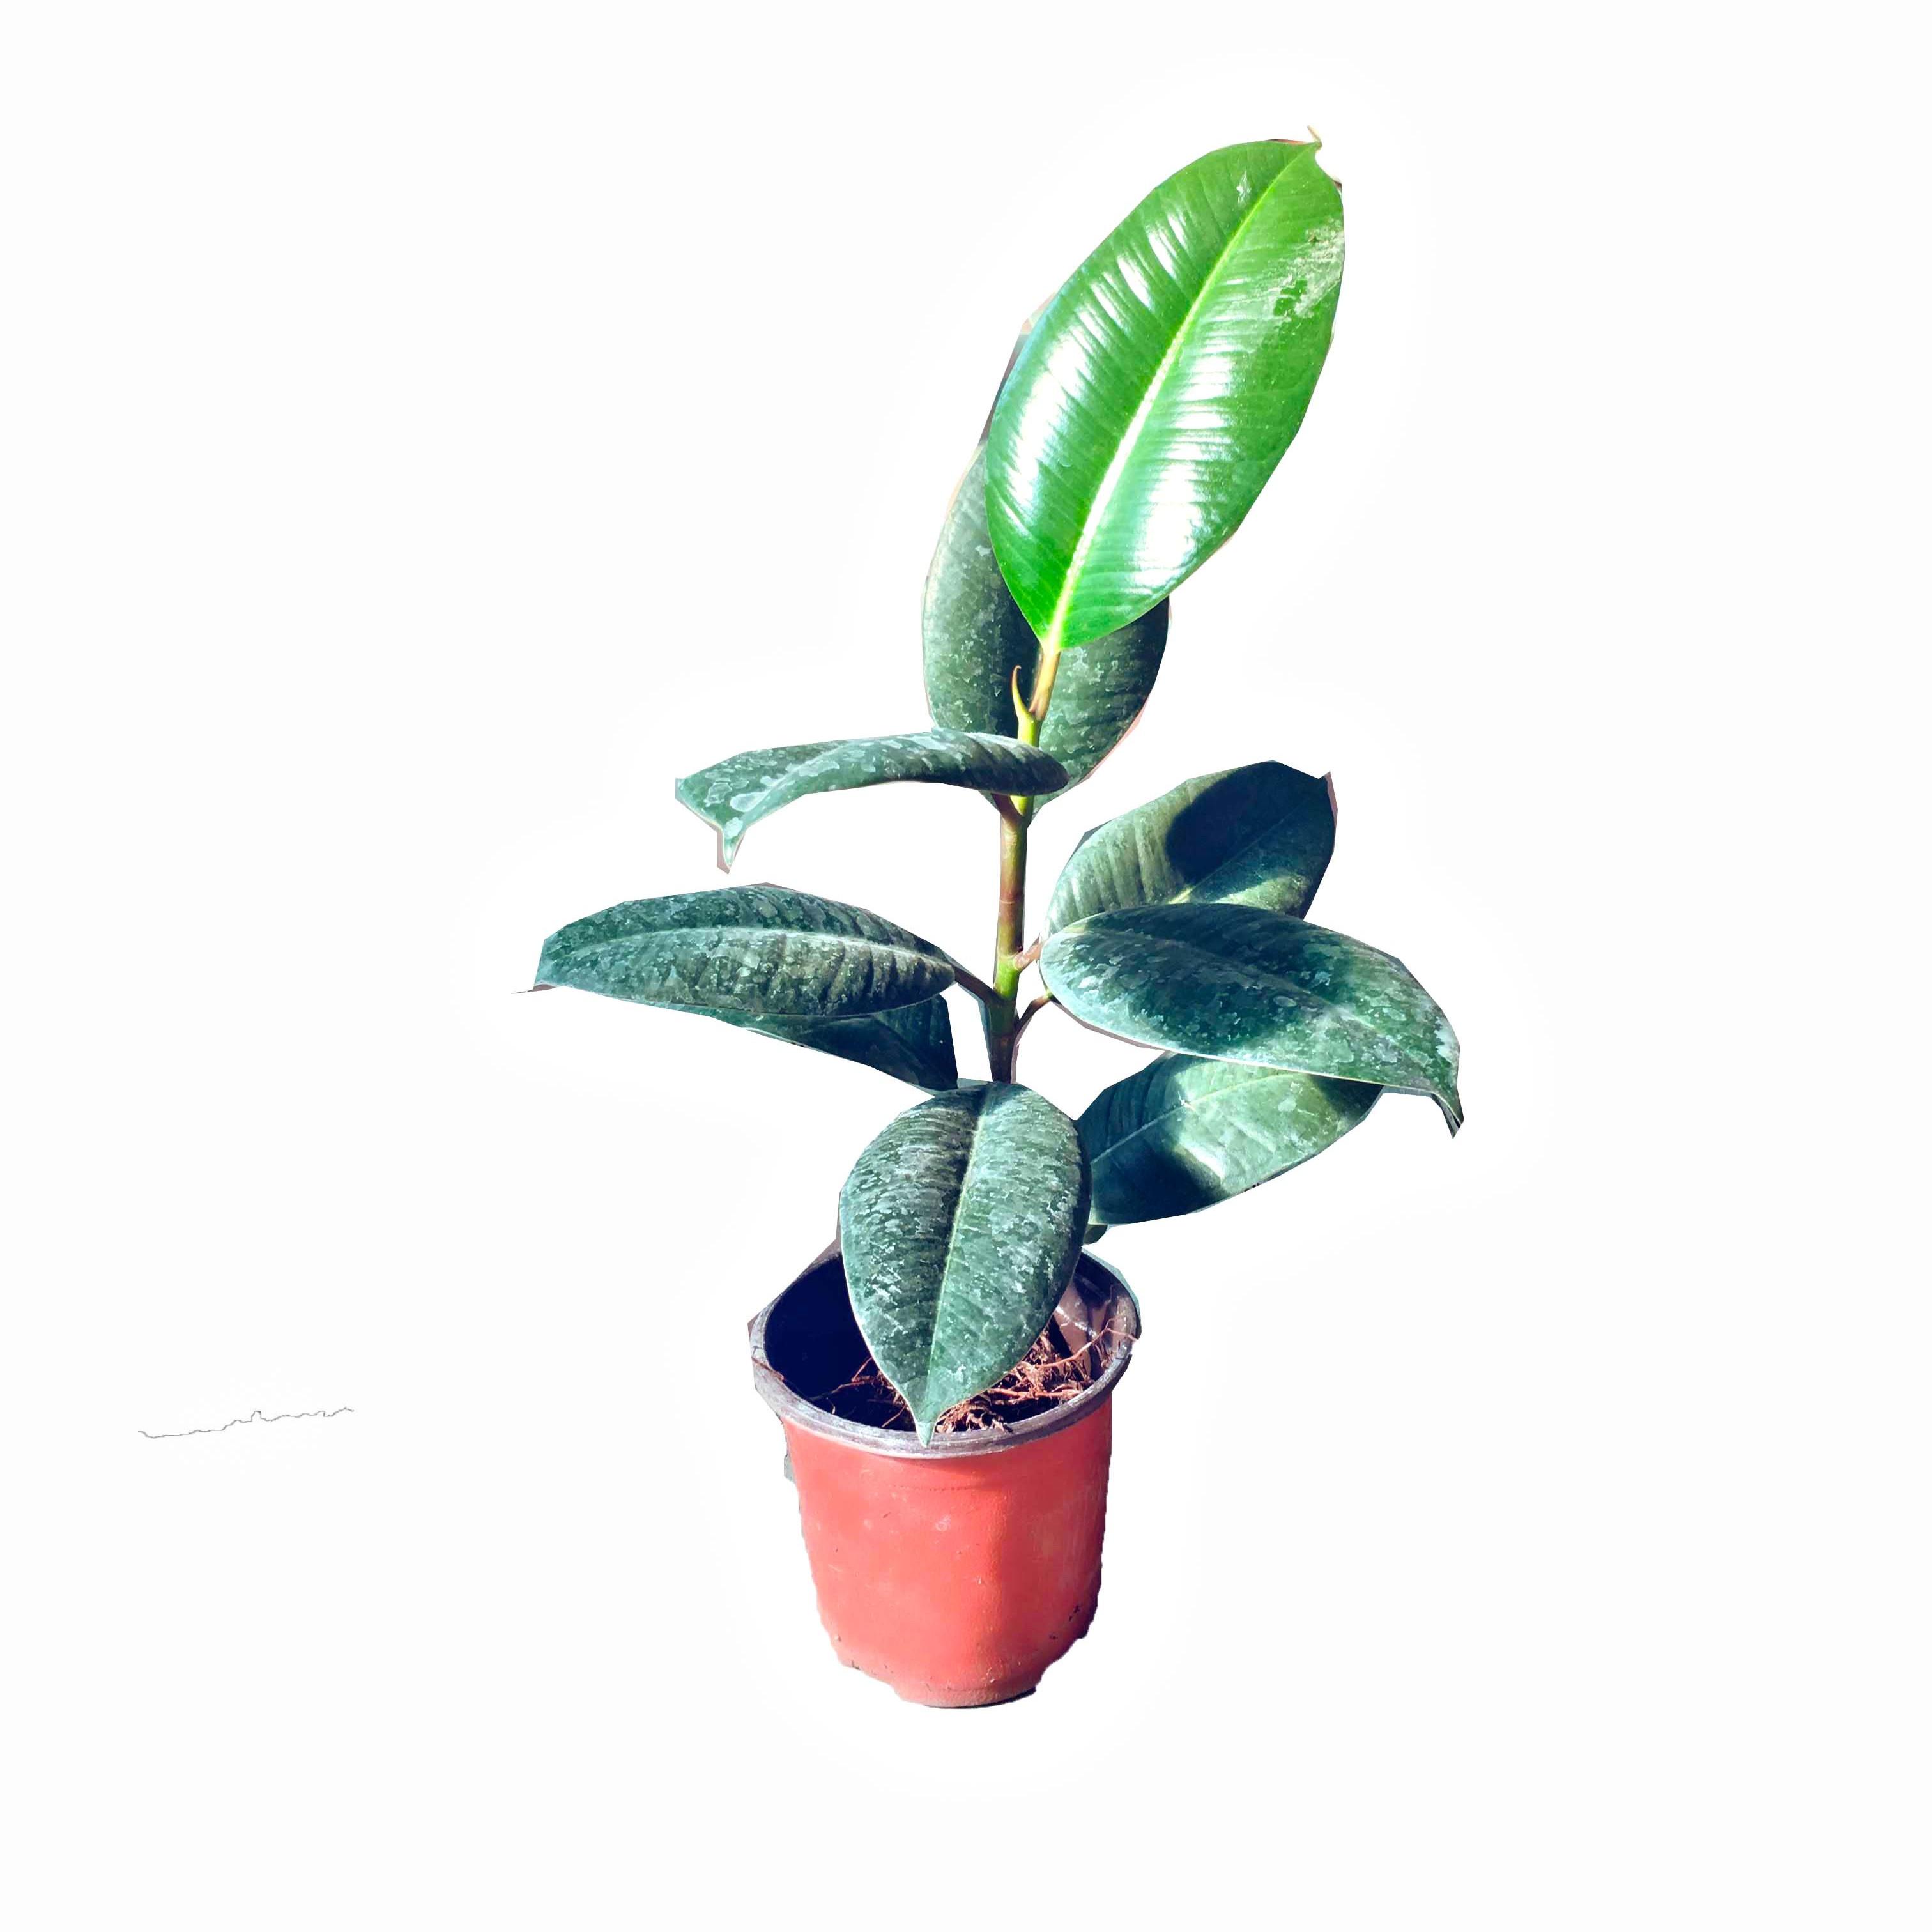 蓝达 黑金刚橡皮树盆栽 新家装修吸甲醛净化空气绿植四季常青客厅植物